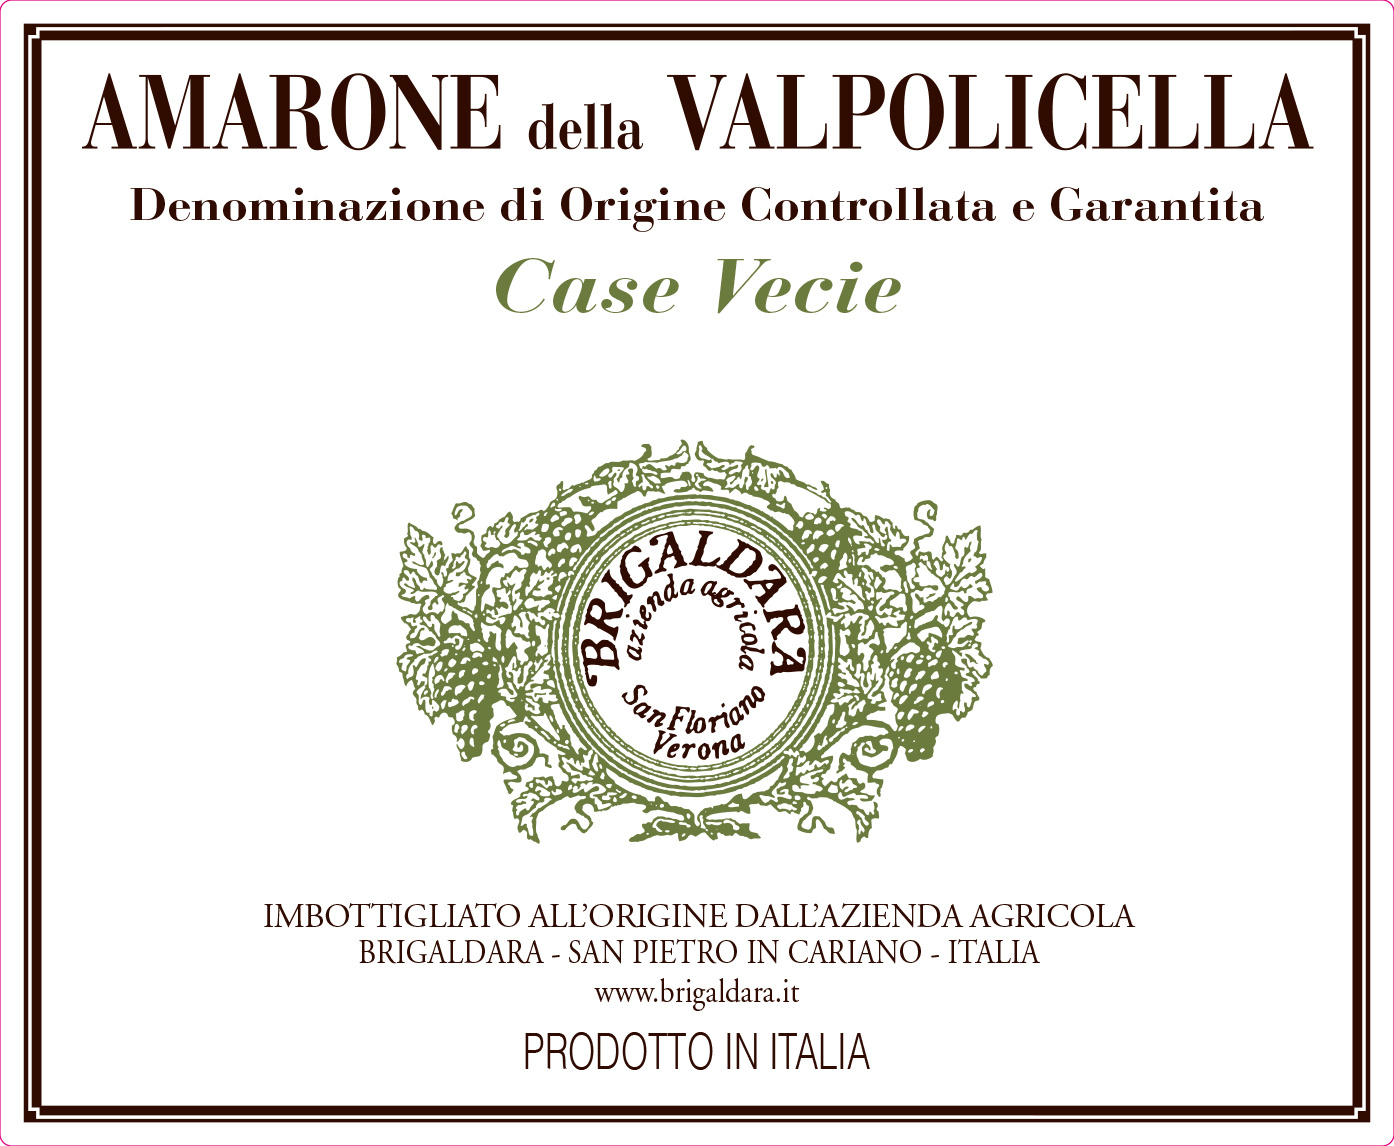 Brigaldara, Amarone della Valpolicella Case Vecie, 2013